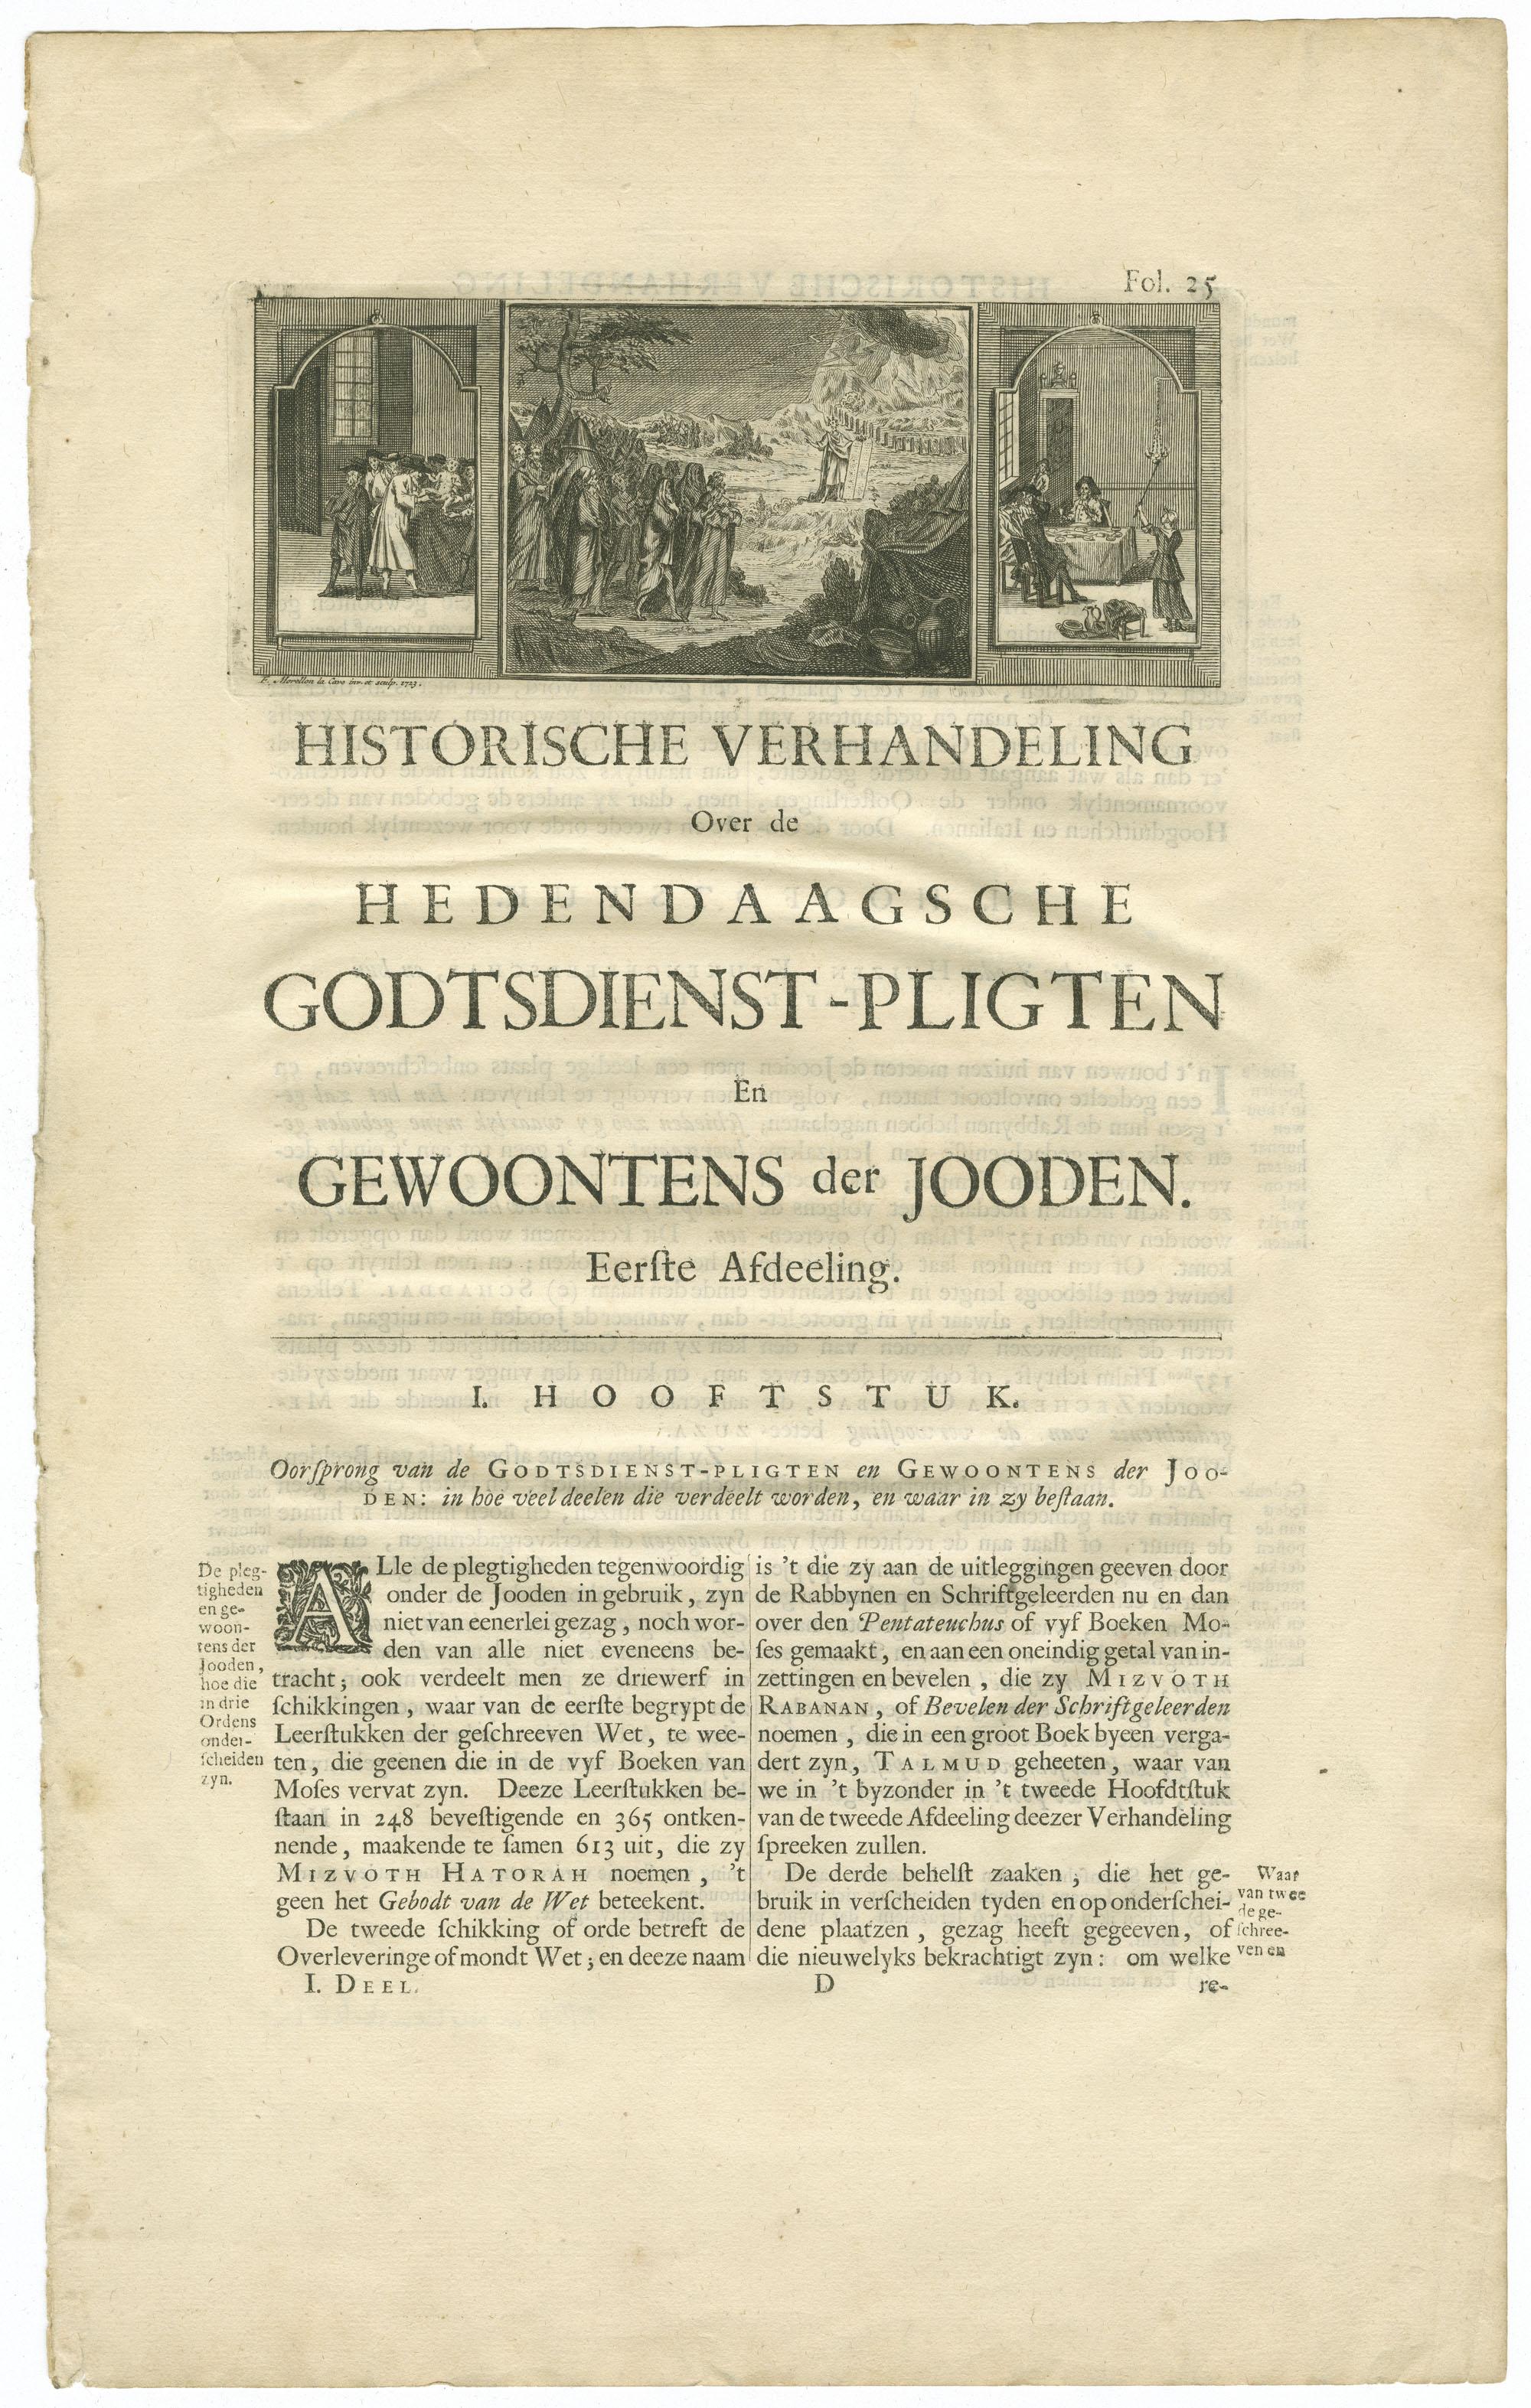 Historische verhandeling Over de hedendaagsche godtsdienst-pligten En gewoontens der jooden